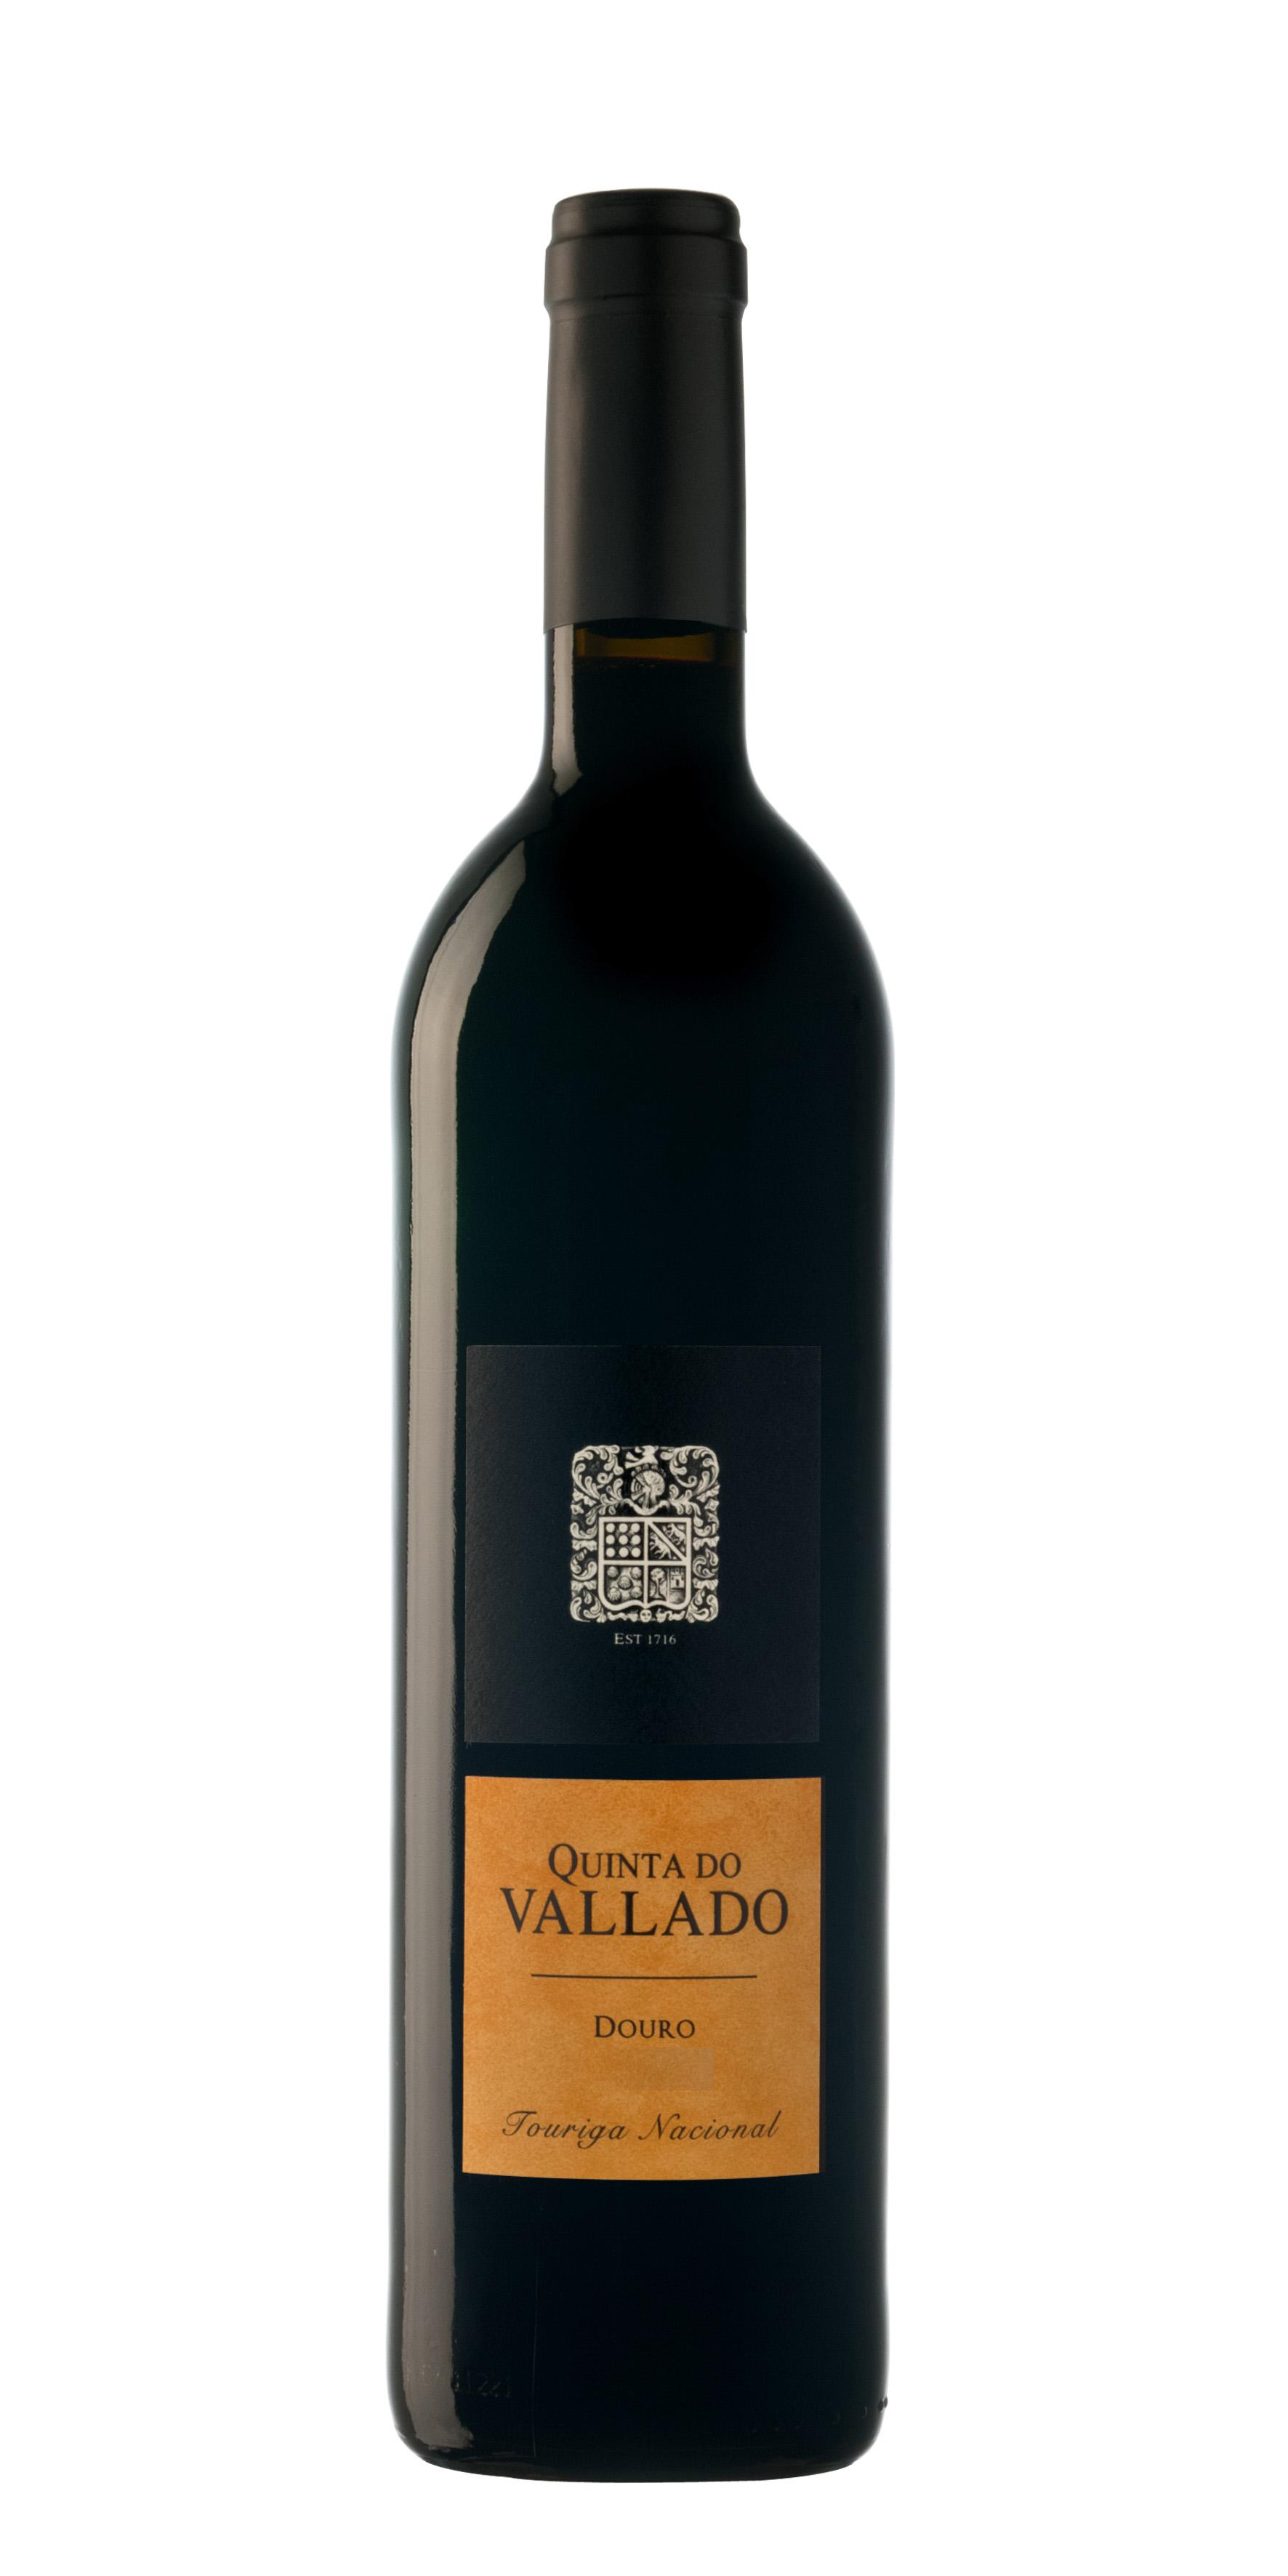 Bottle image - Quinta do vallado ...